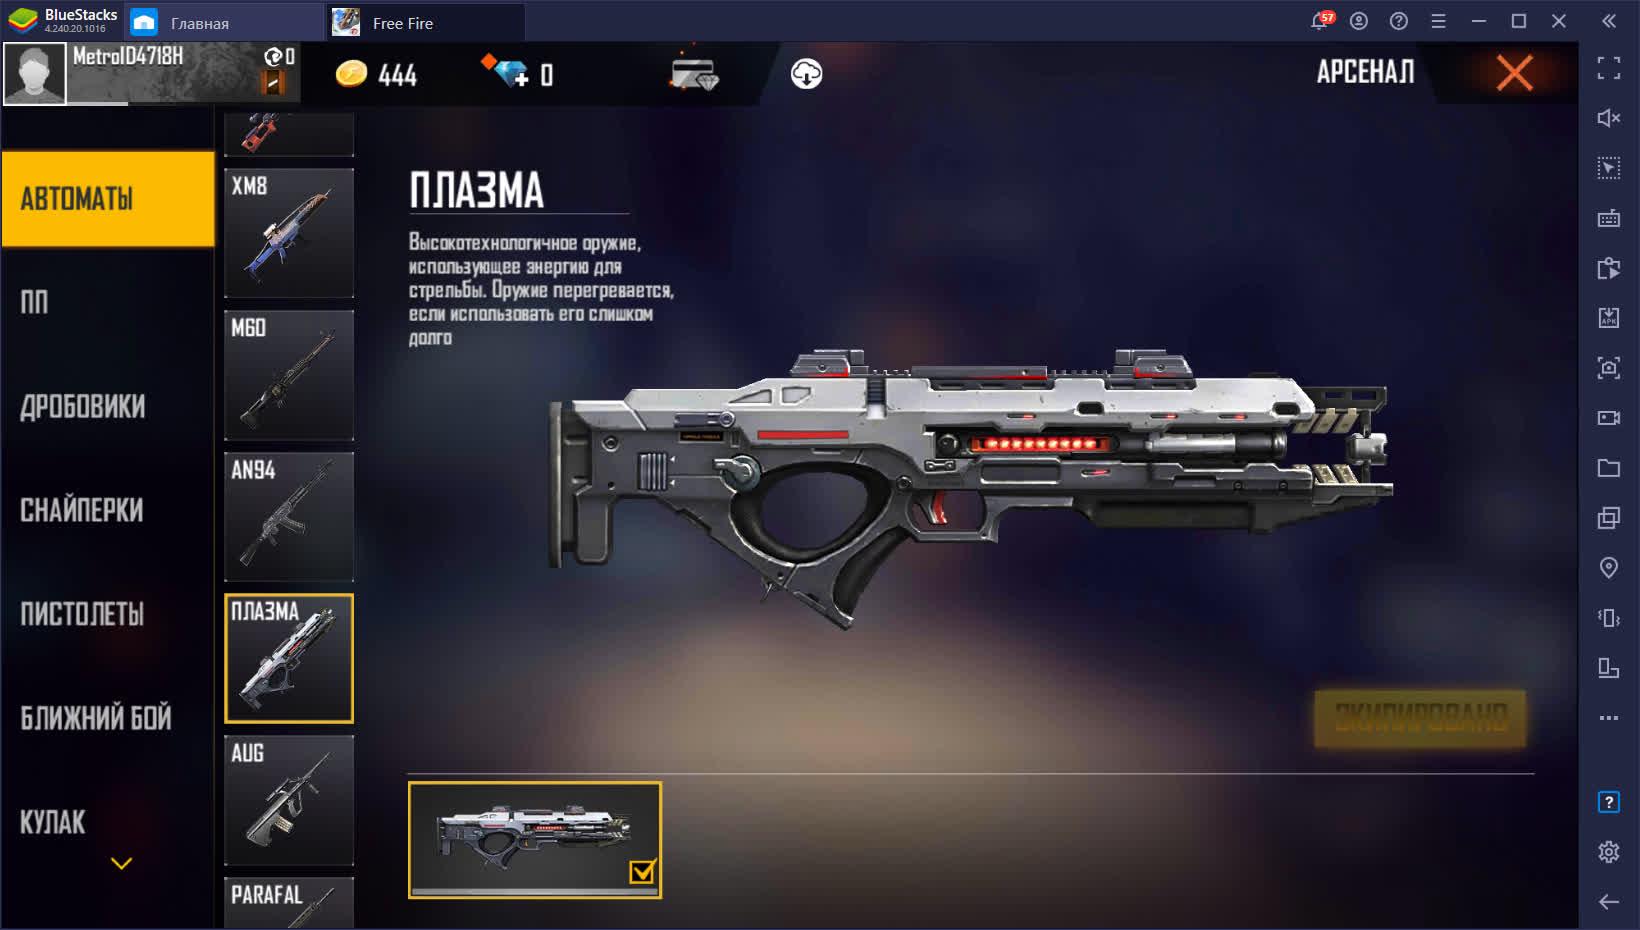 Странное и сумасшедшее оружие в Free Fire: лечащая пушка, плазма, миниган и многое другое!